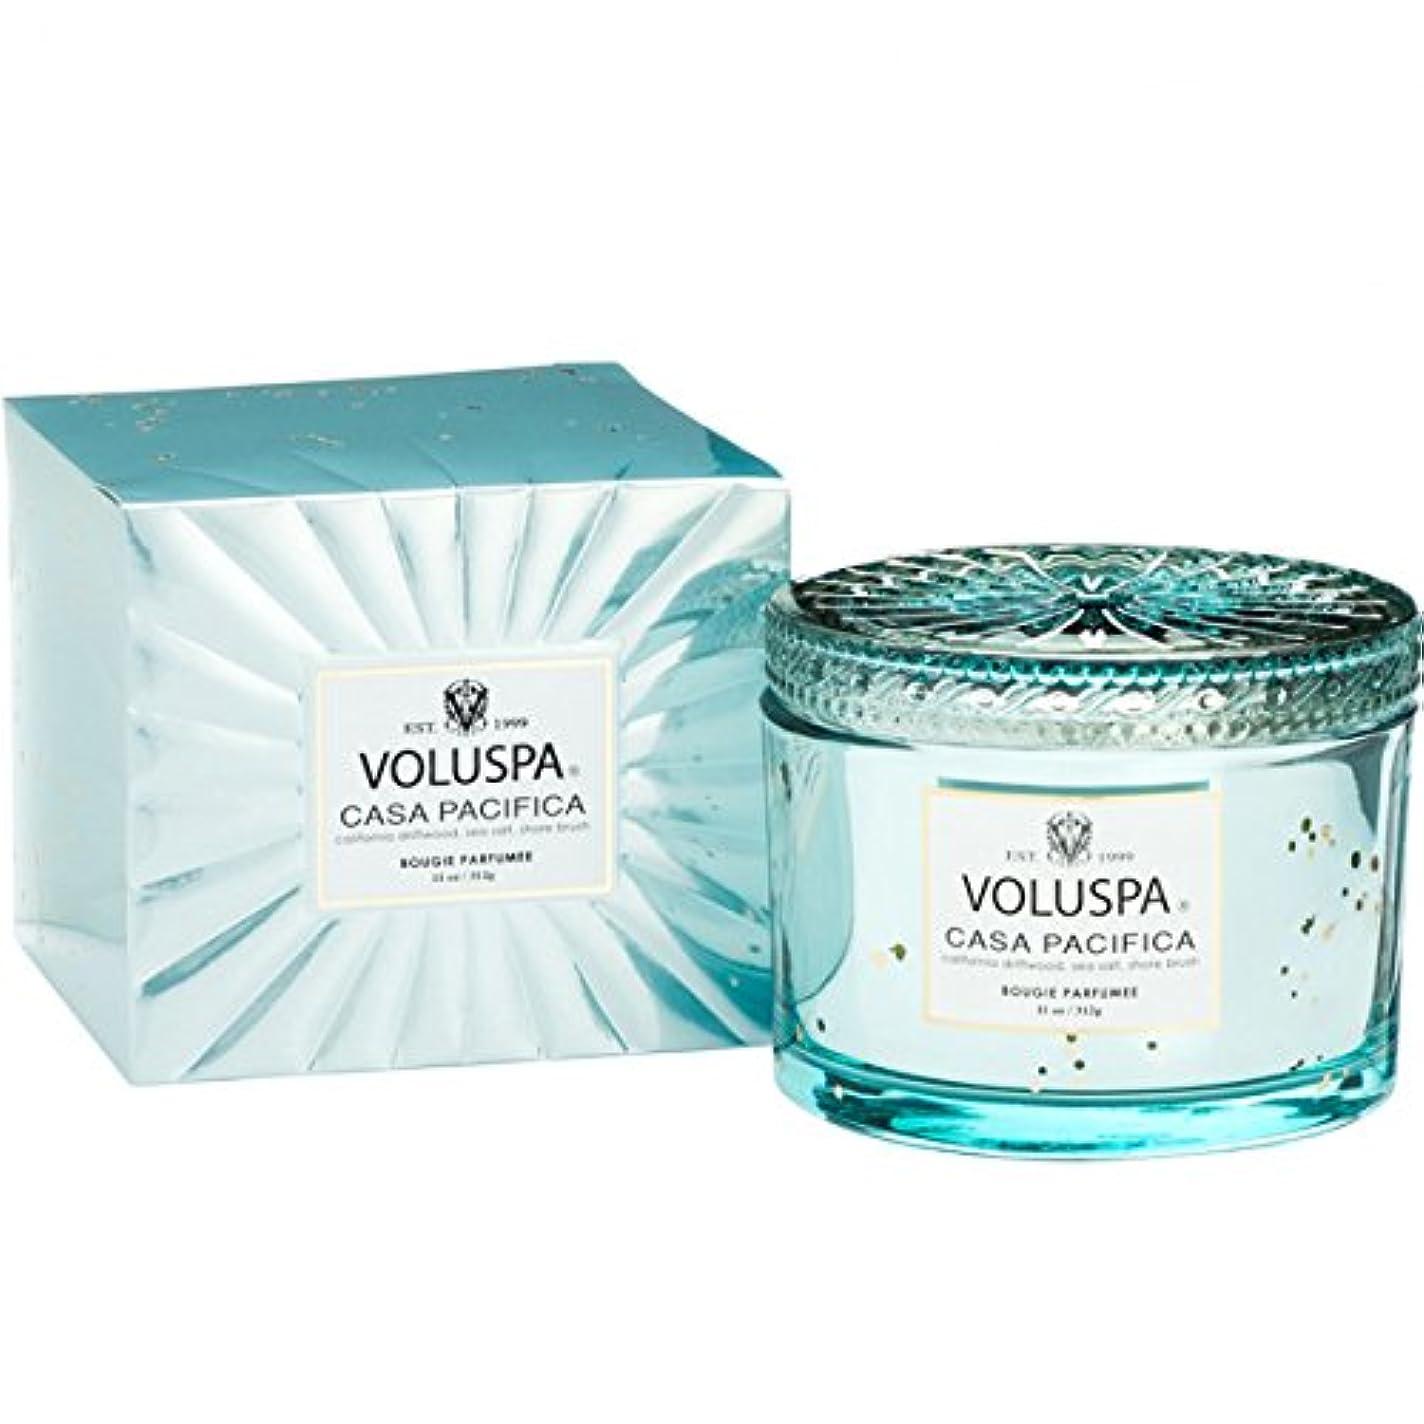 コードレス対処促すVoluspa ボルスパ ヴァーメイル ボックス入り グラスキャンドル カーサハ?シフィカ CASA PACIFICA VERMEIL BOX Glass Candle